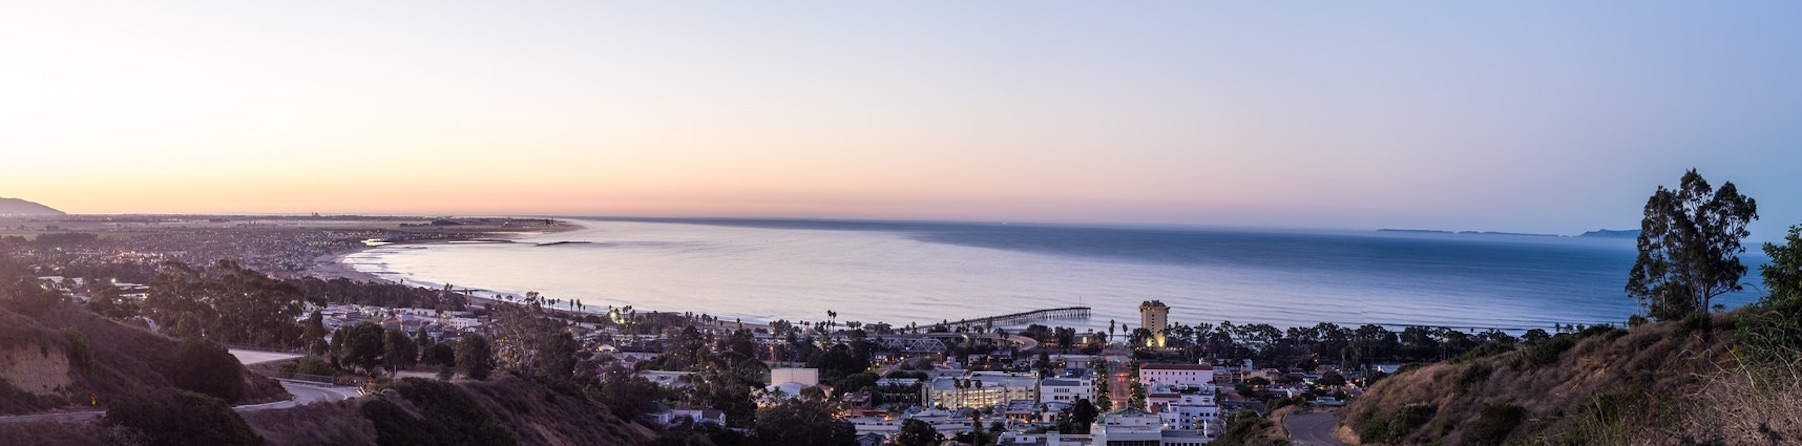 Ventura Pic 2